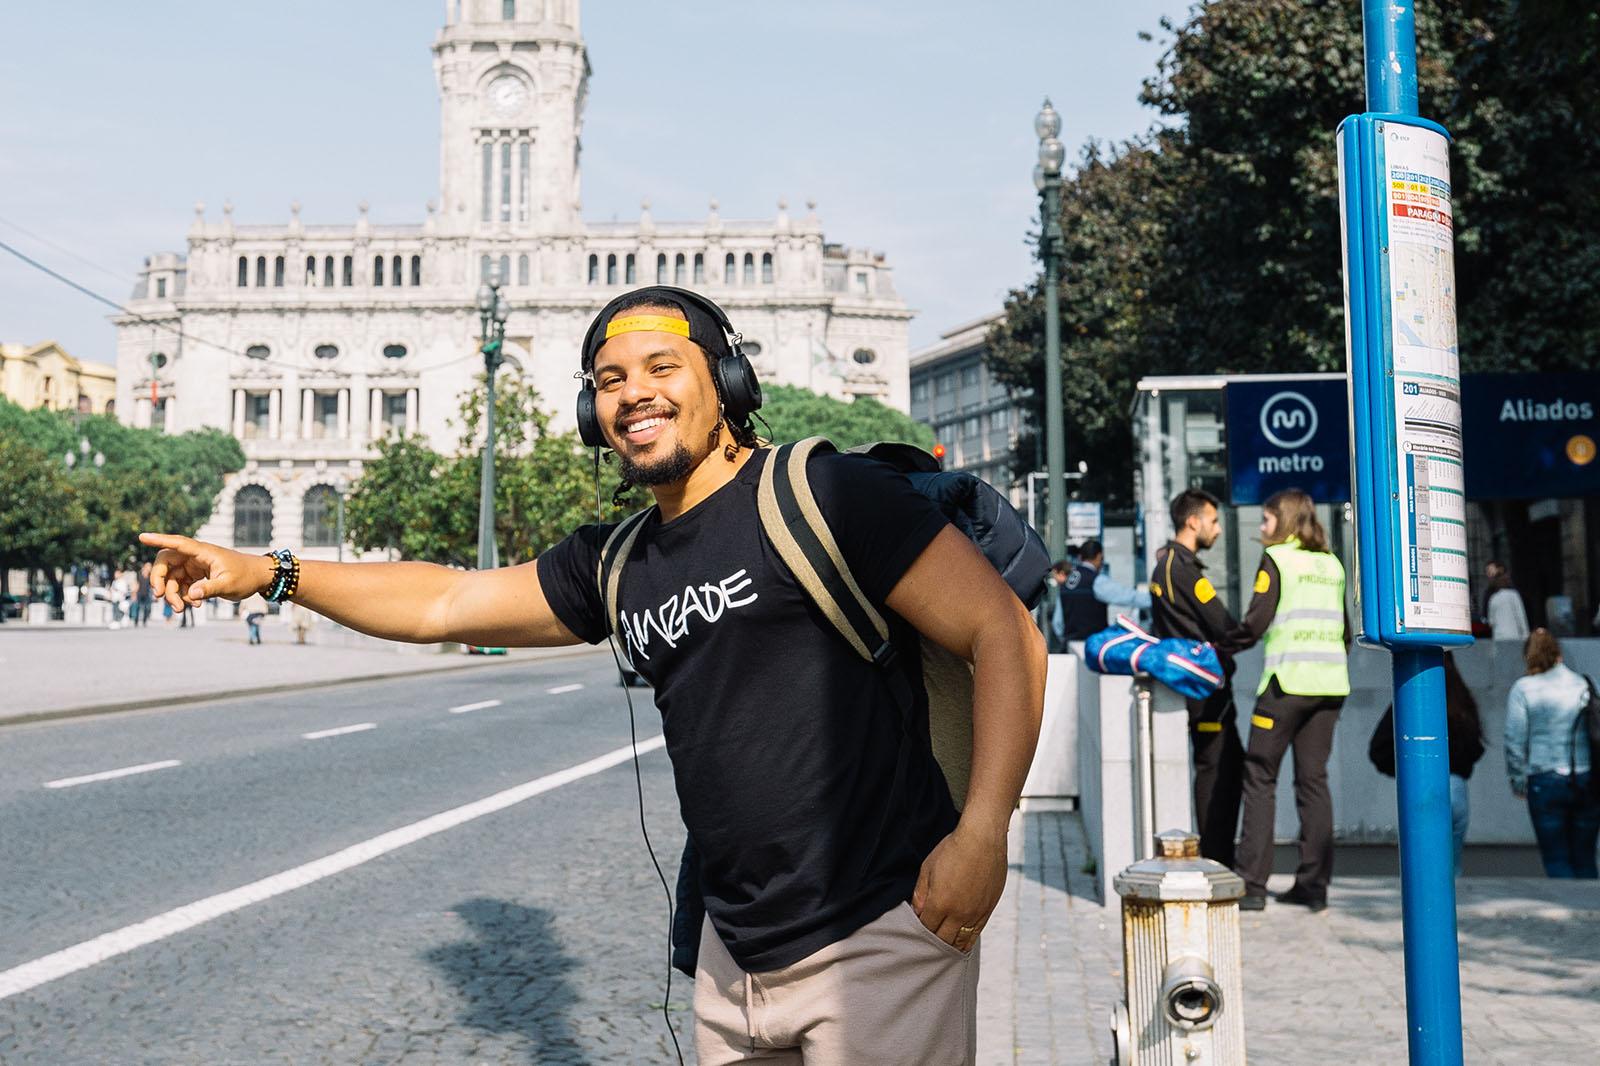 Estudantes da U.Porto podem renovar Andante Sub23 sem sair de casa